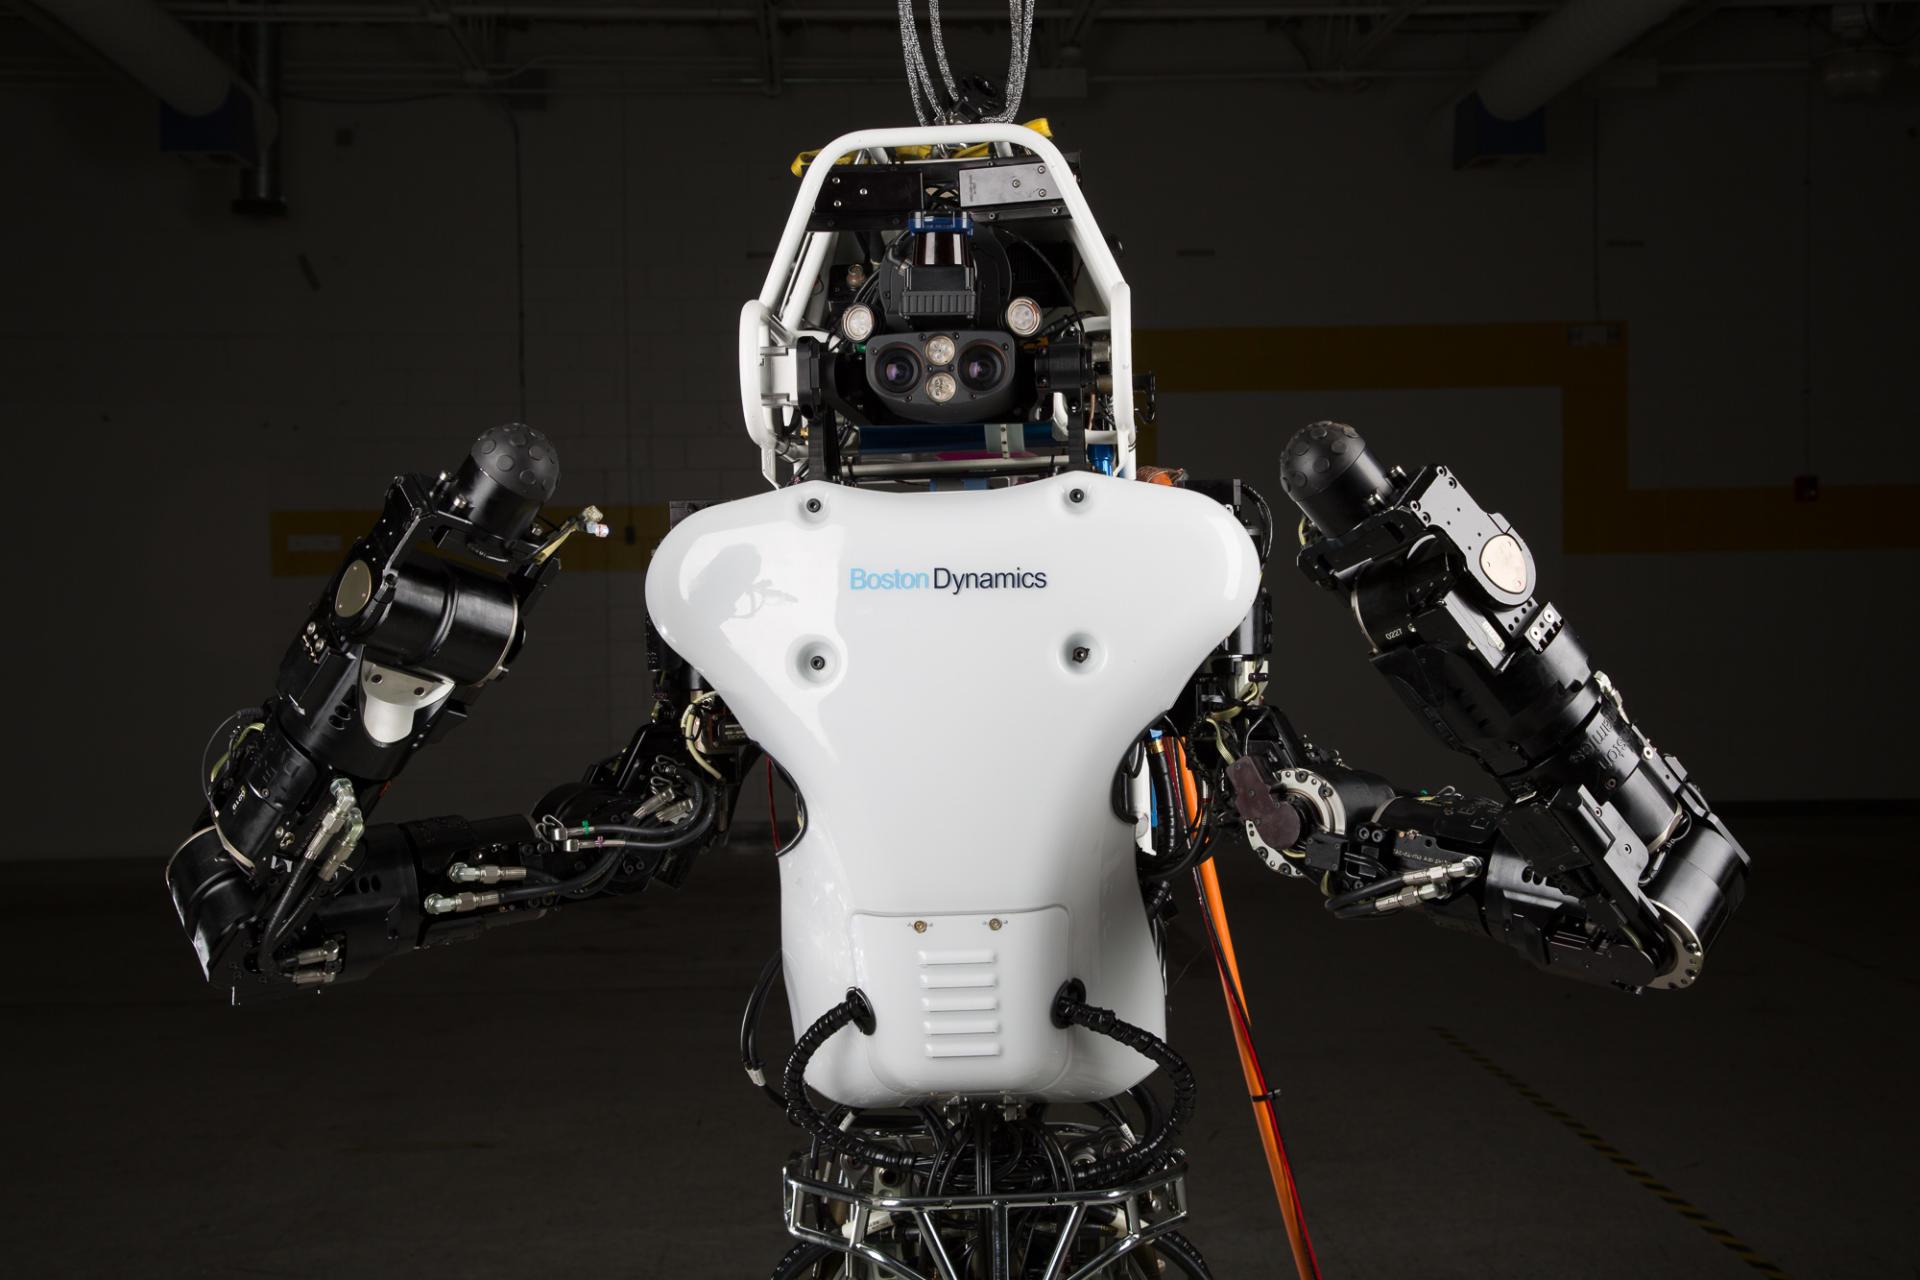 Американцы научили робота делать сальто - Видео